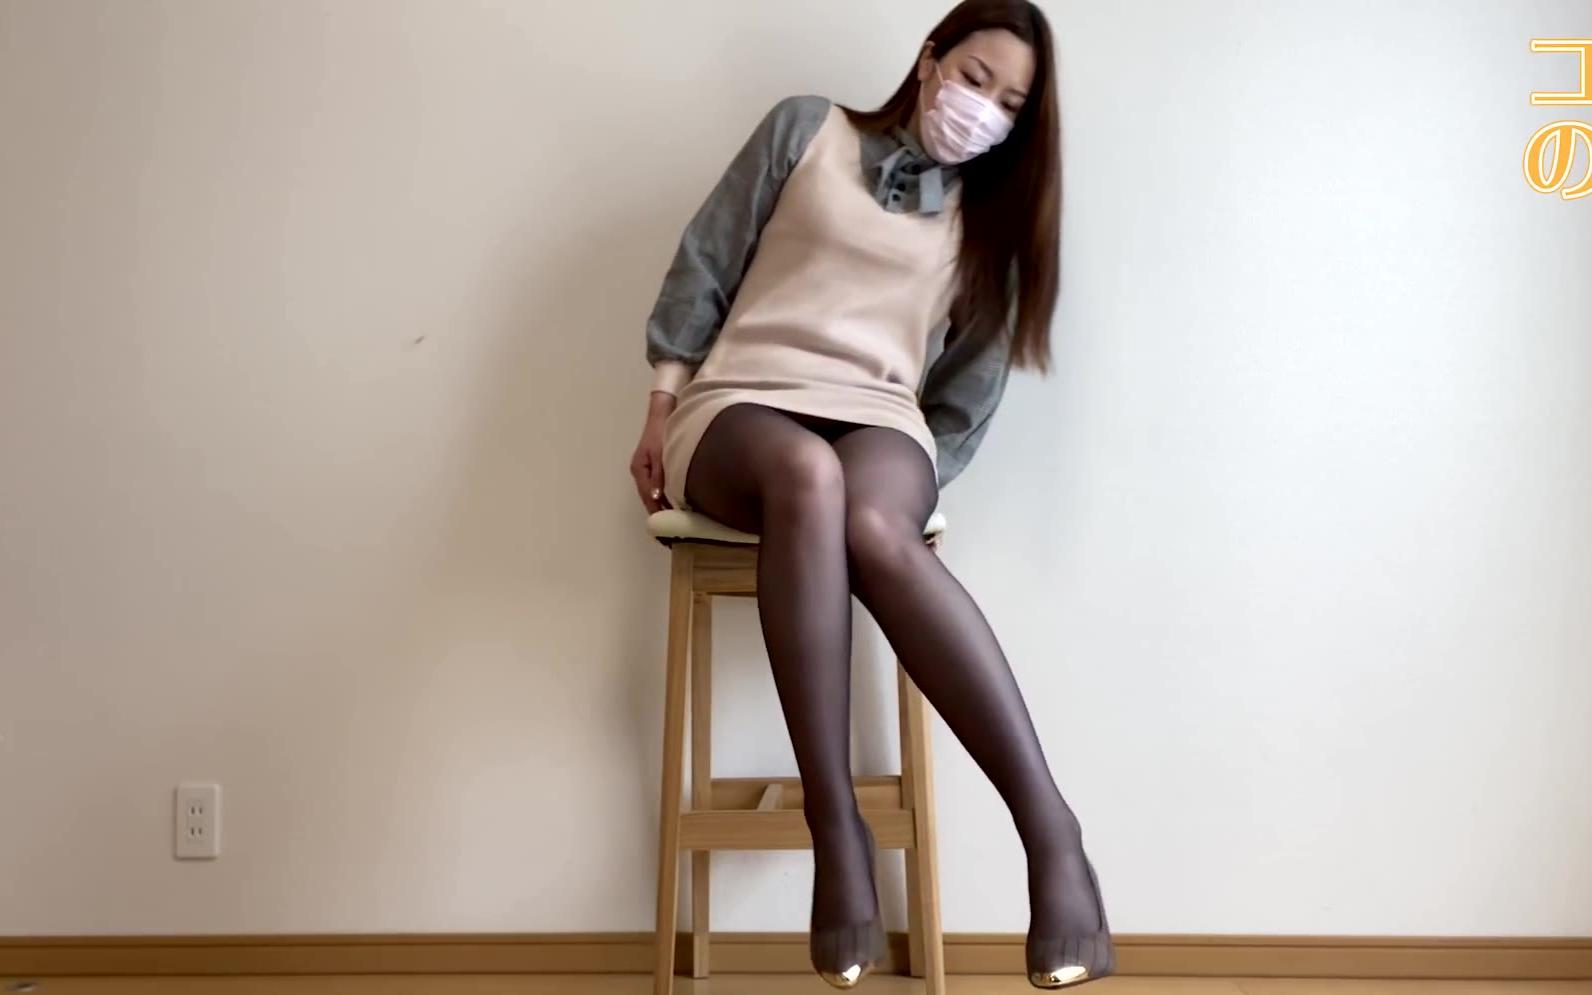 职业制服搭配黑丝真的很诱人!尤其还是御姐穿上去~